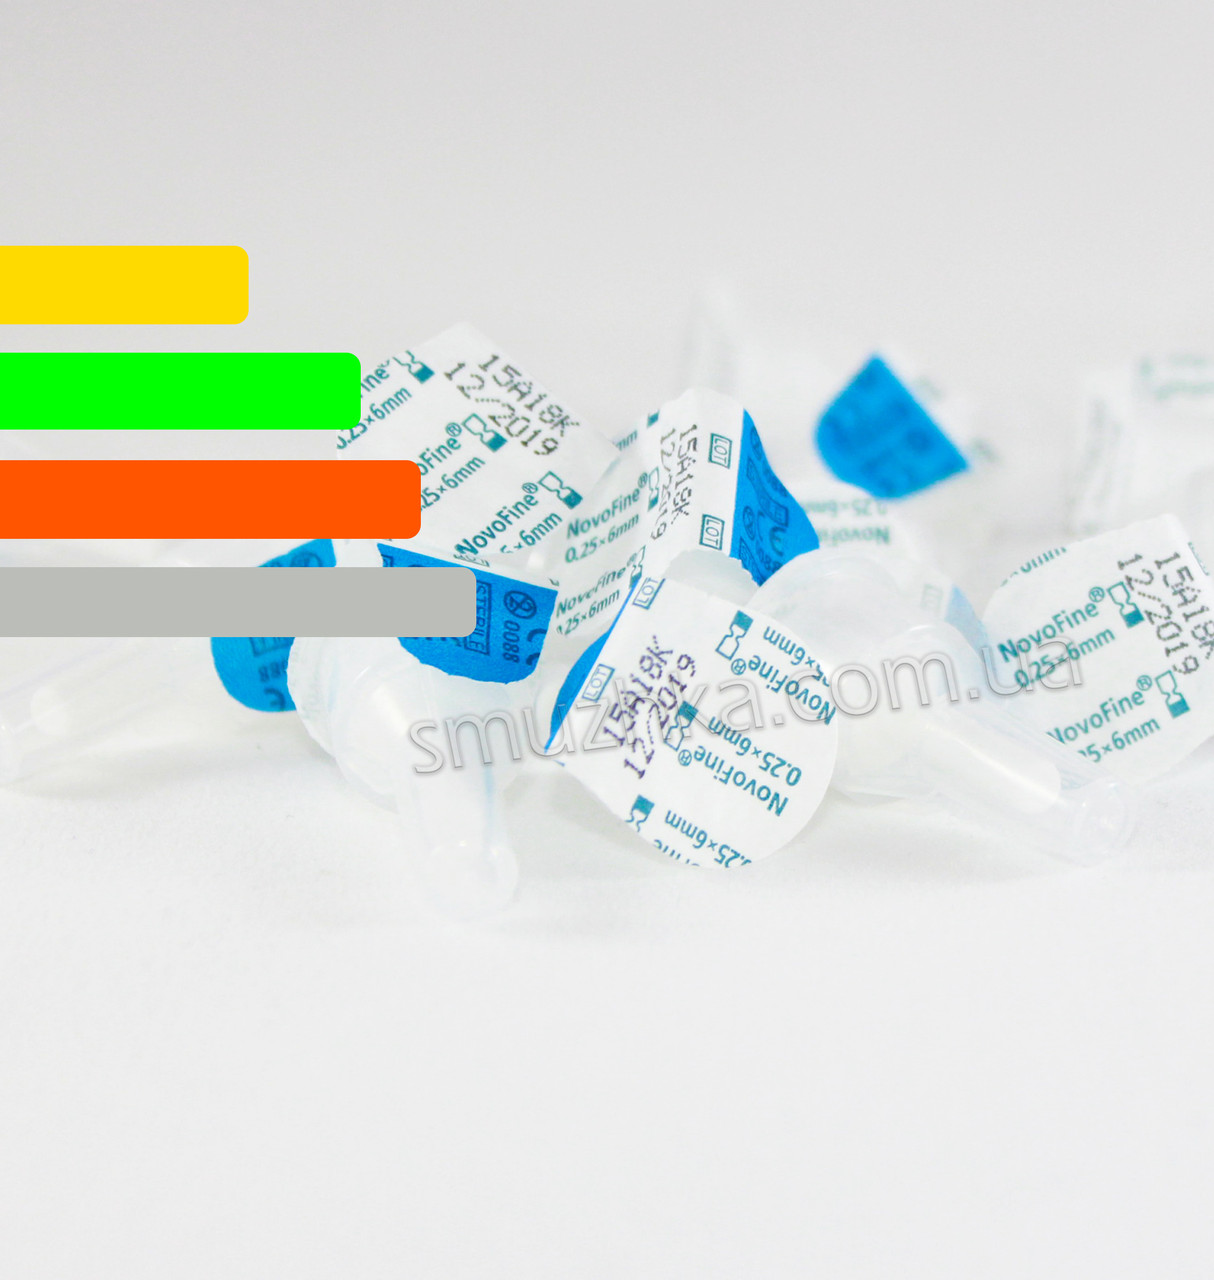 Иглы для инсулиновых шприц-ручек Новофайн 6 мм - Novofine 31G, Поштучно